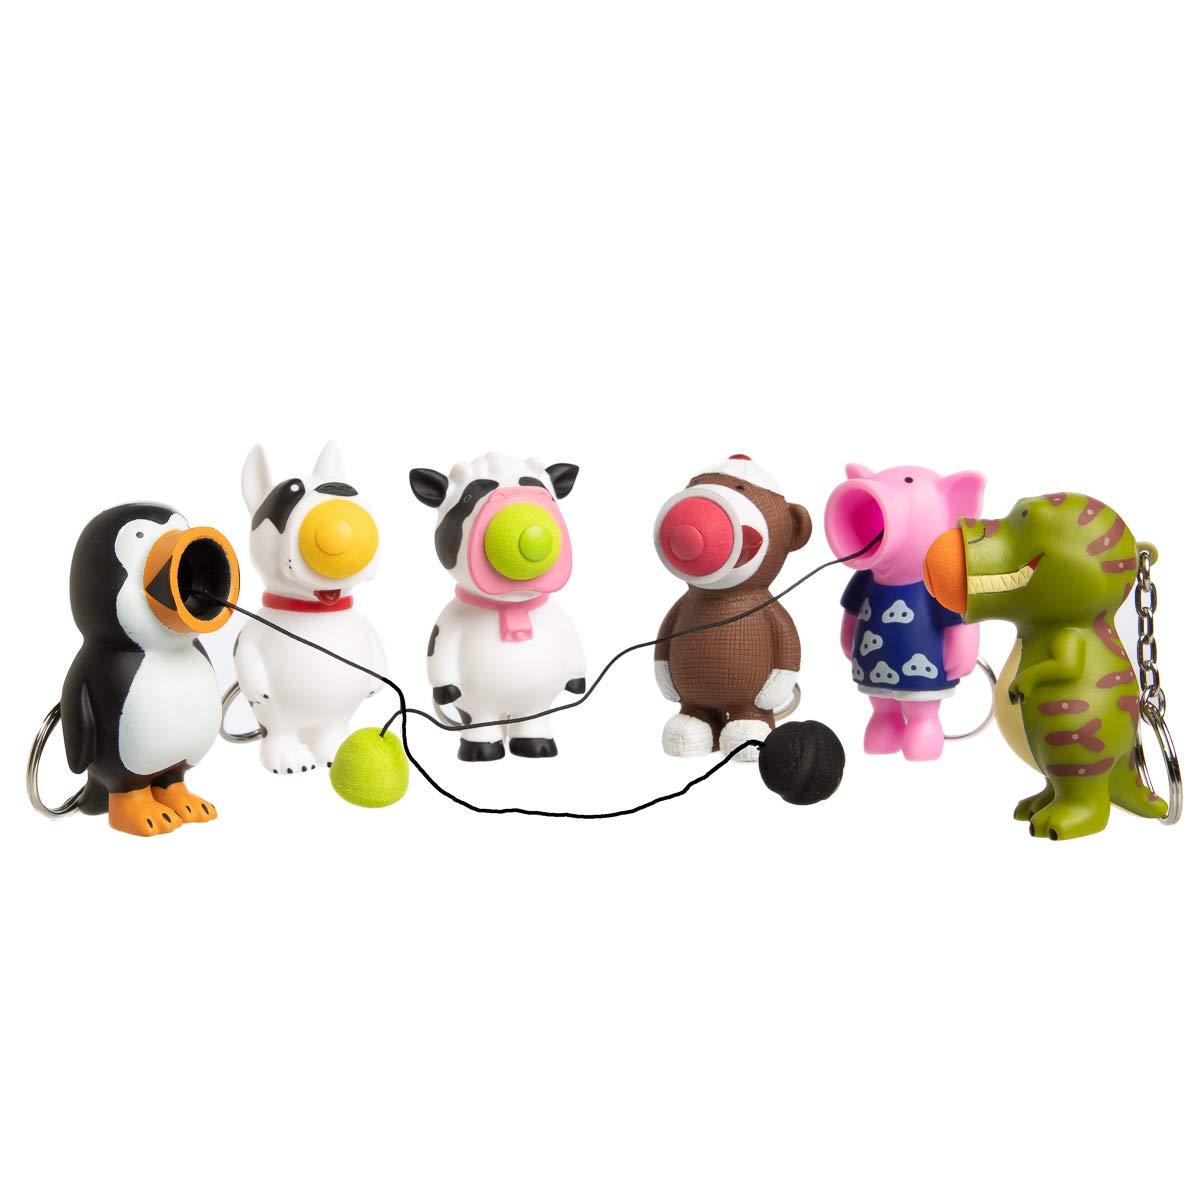 Hog Wild(6 件套)球波普尔玩具挤压推球流行钥匙扣派对喜爱儿童玩具成人